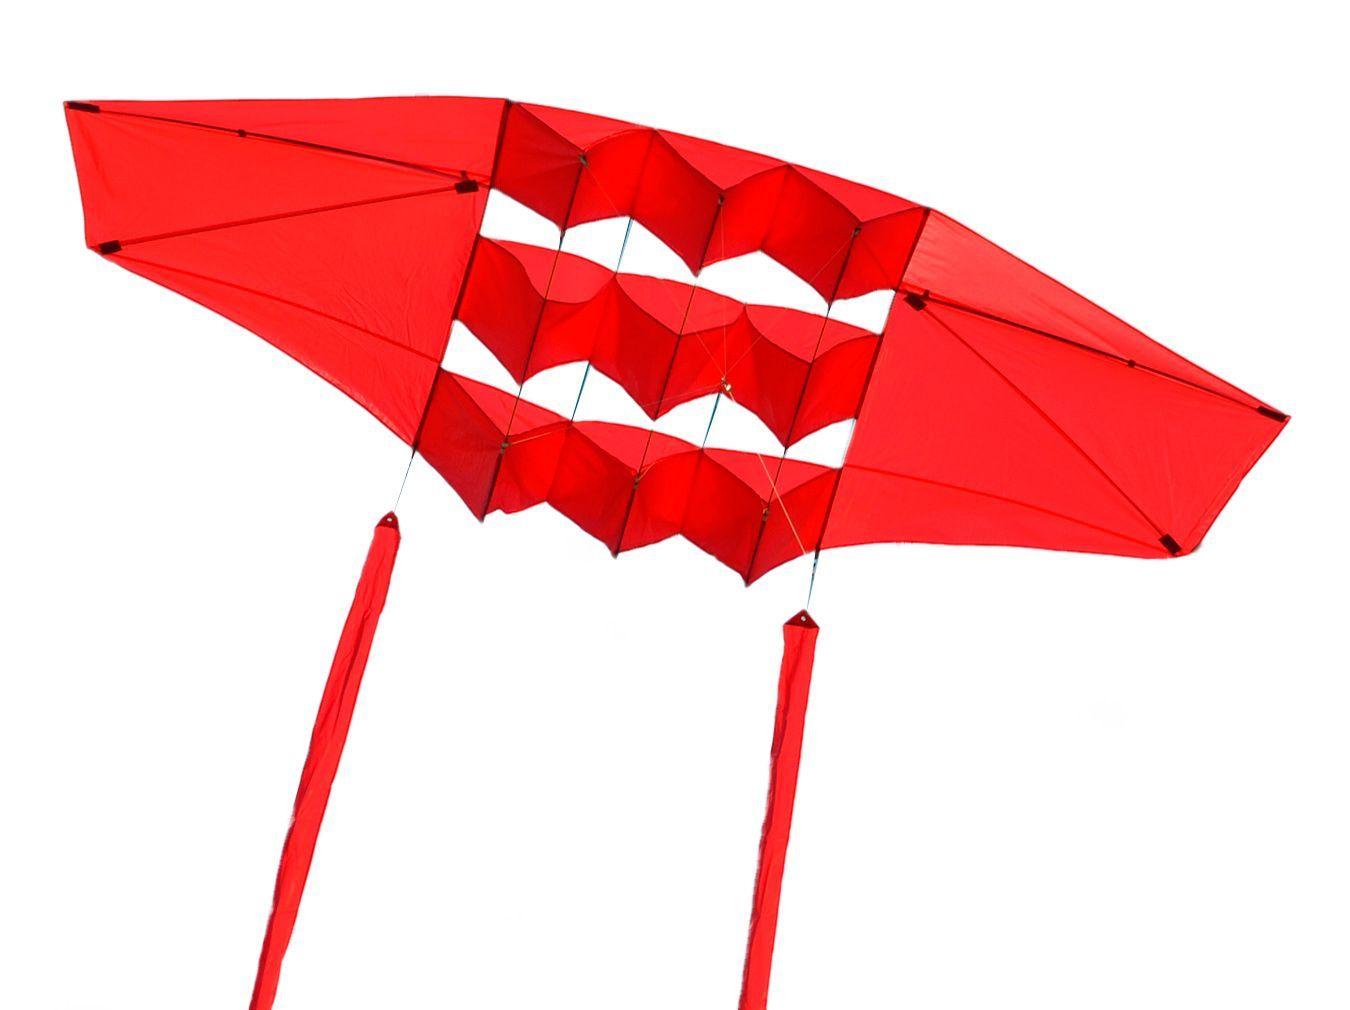 Змей воздушный Red Vikings Красный Варяг, 2.5 кв.м [ZBRV]